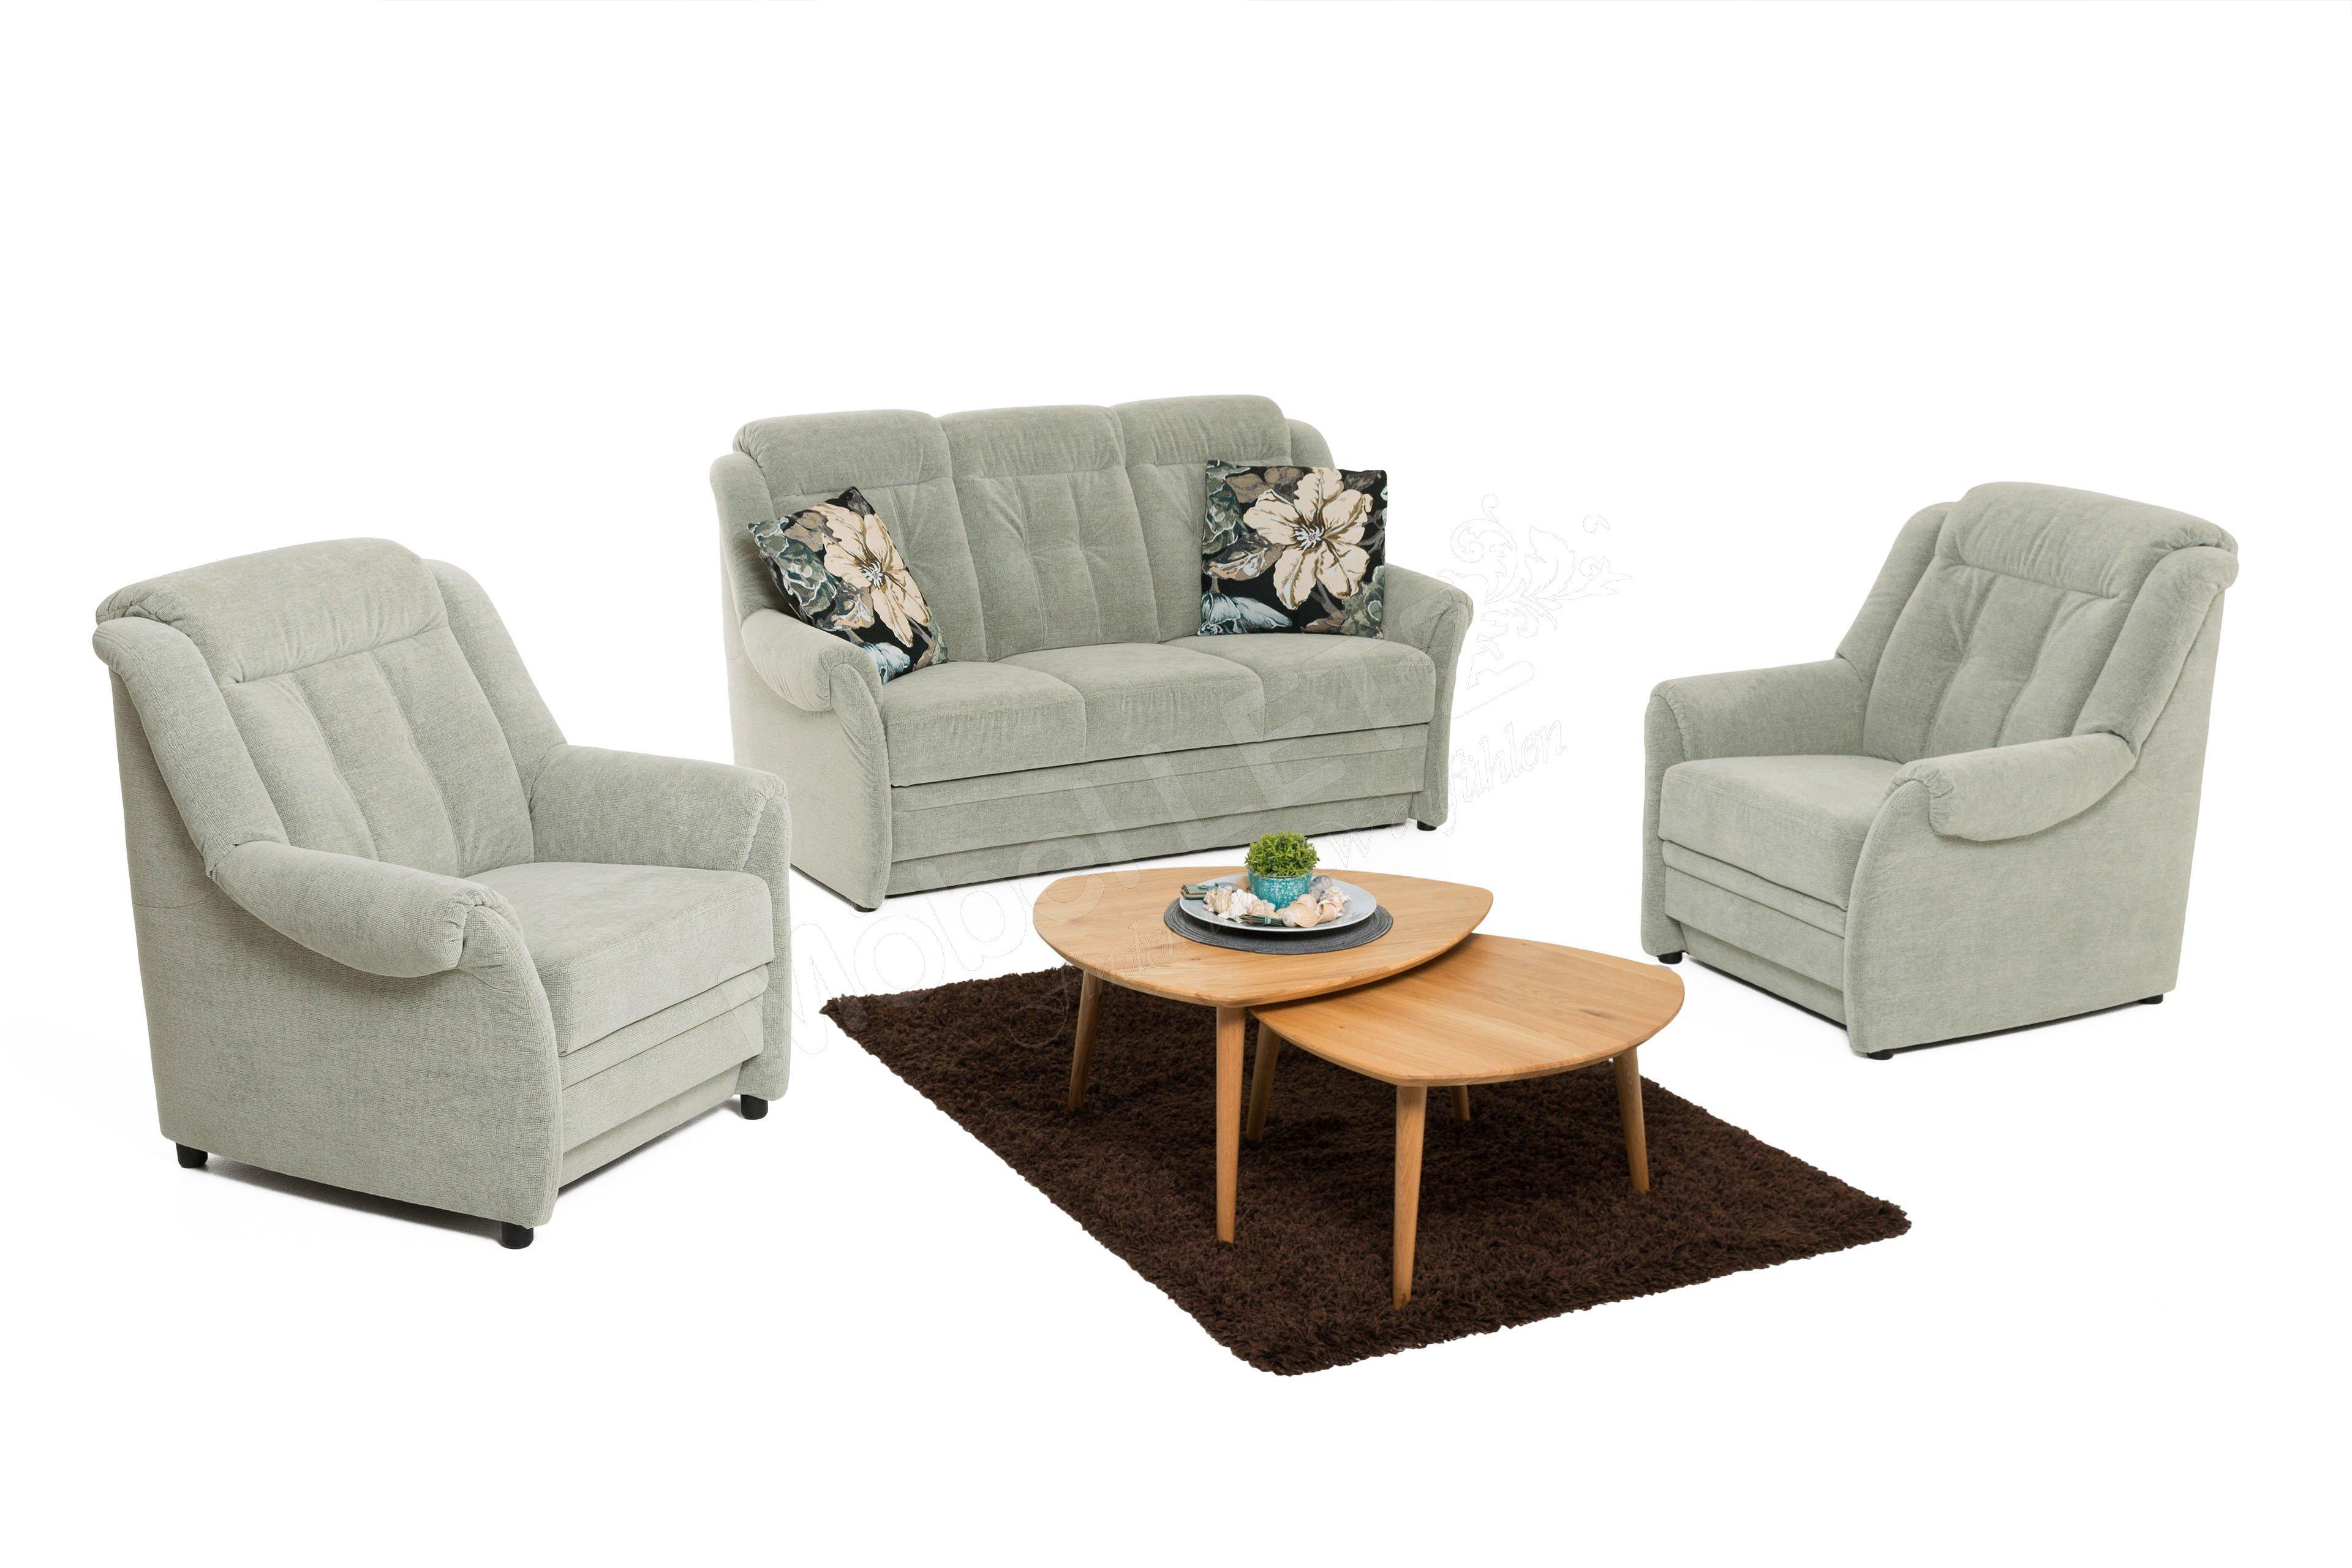 pm oelsa andorra sofagruppe in mint m bel letz ihr online shop. Black Bedroom Furniture Sets. Home Design Ideas